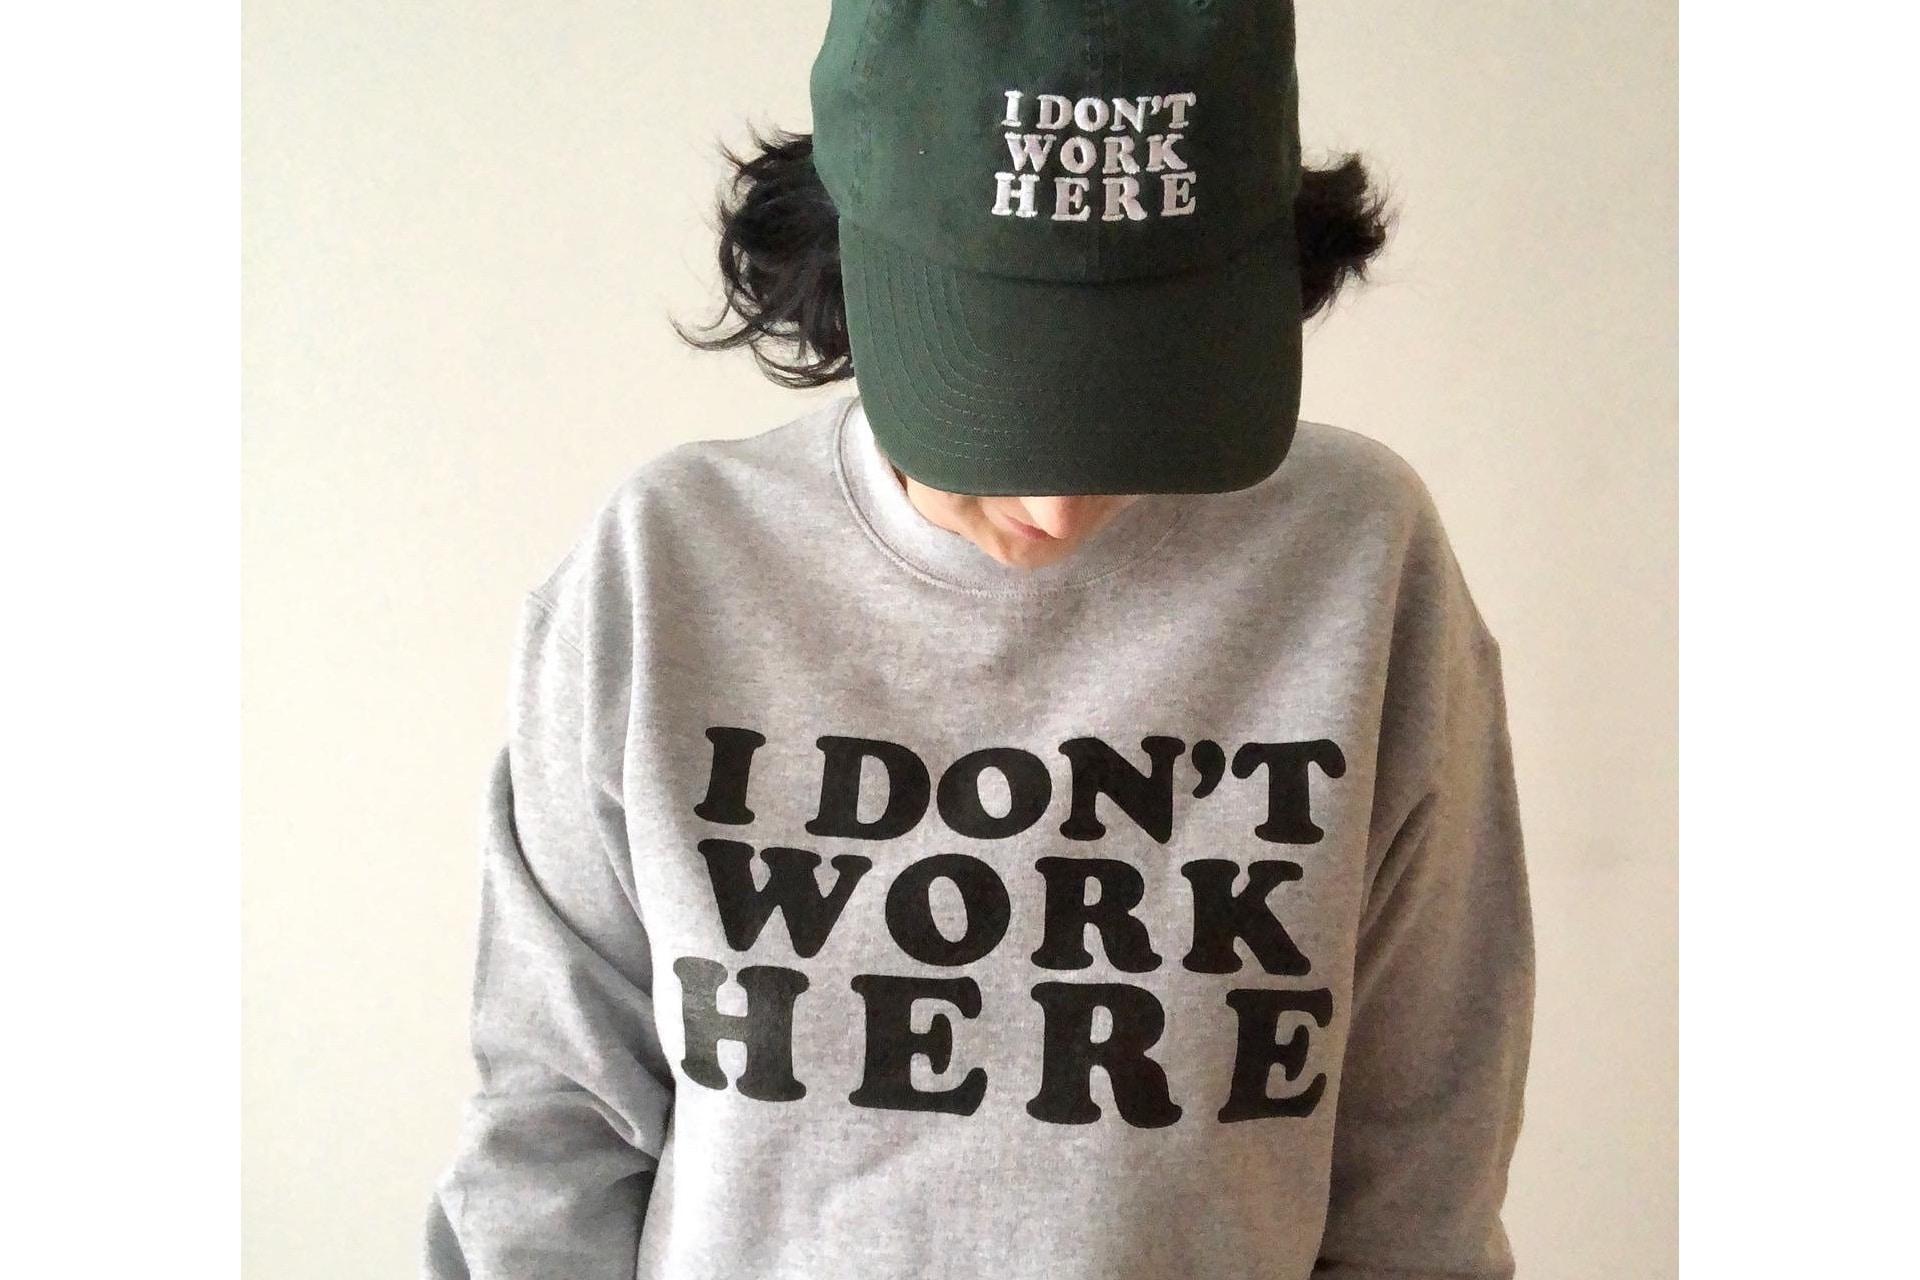 grey sweatshirt that says